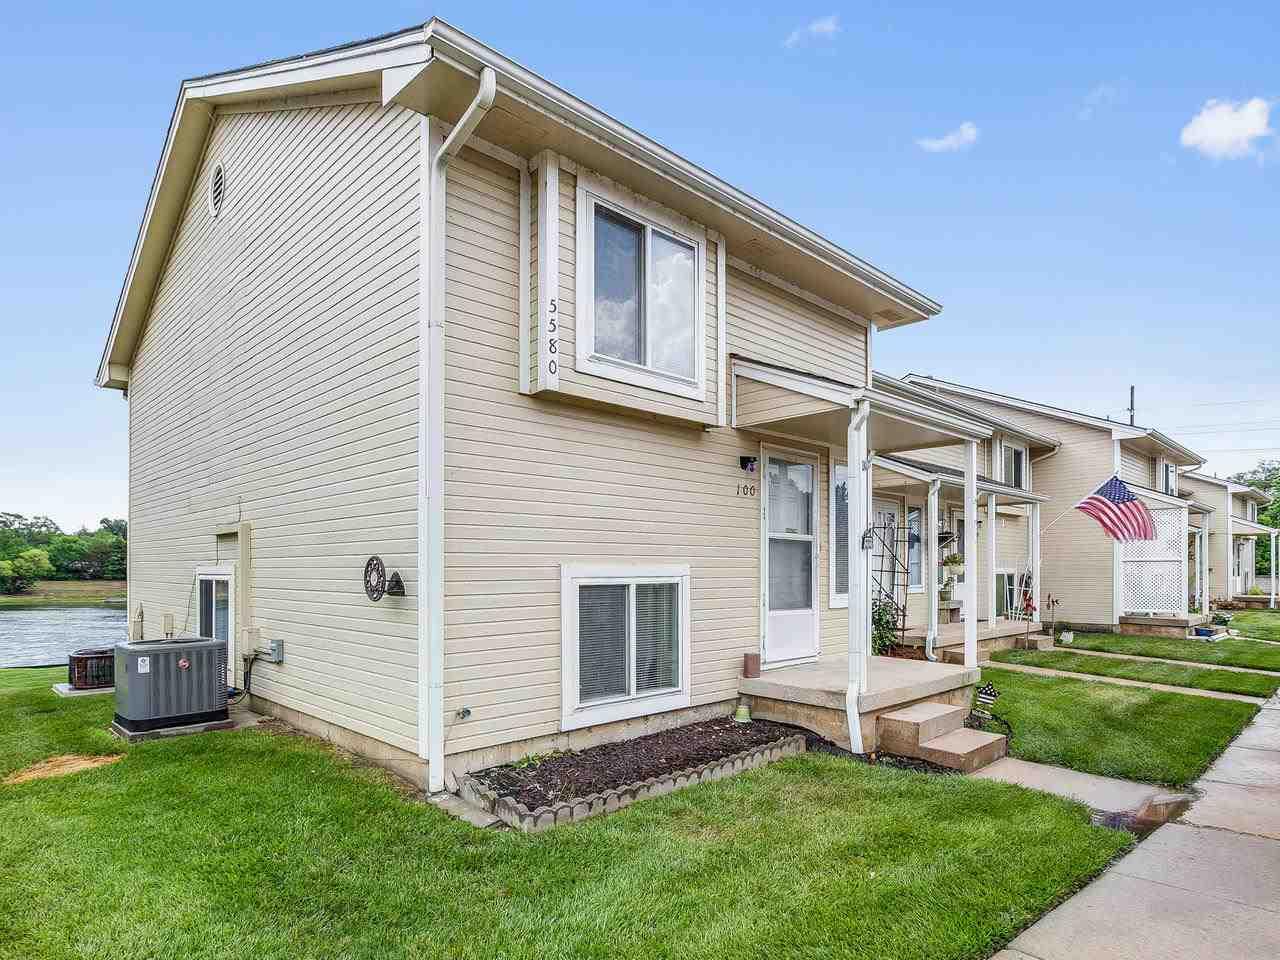 Condos for sale in Wichita, KS